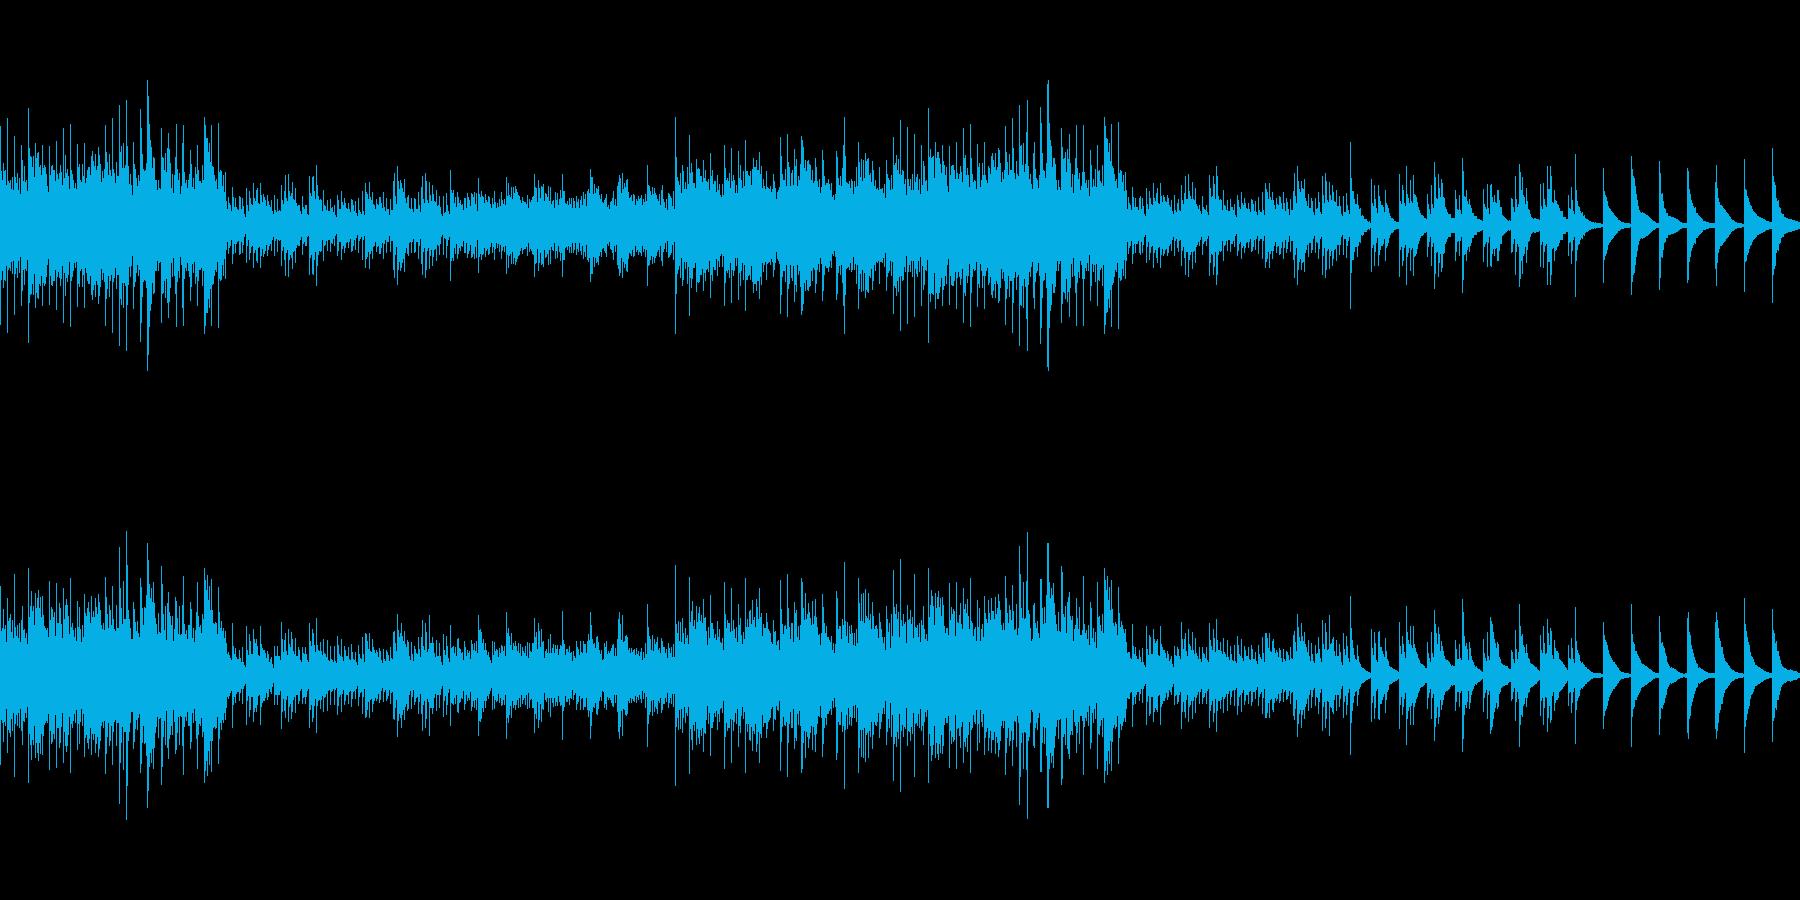 結婚式の映像用バラード (ループ仕様)の再生済みの波形